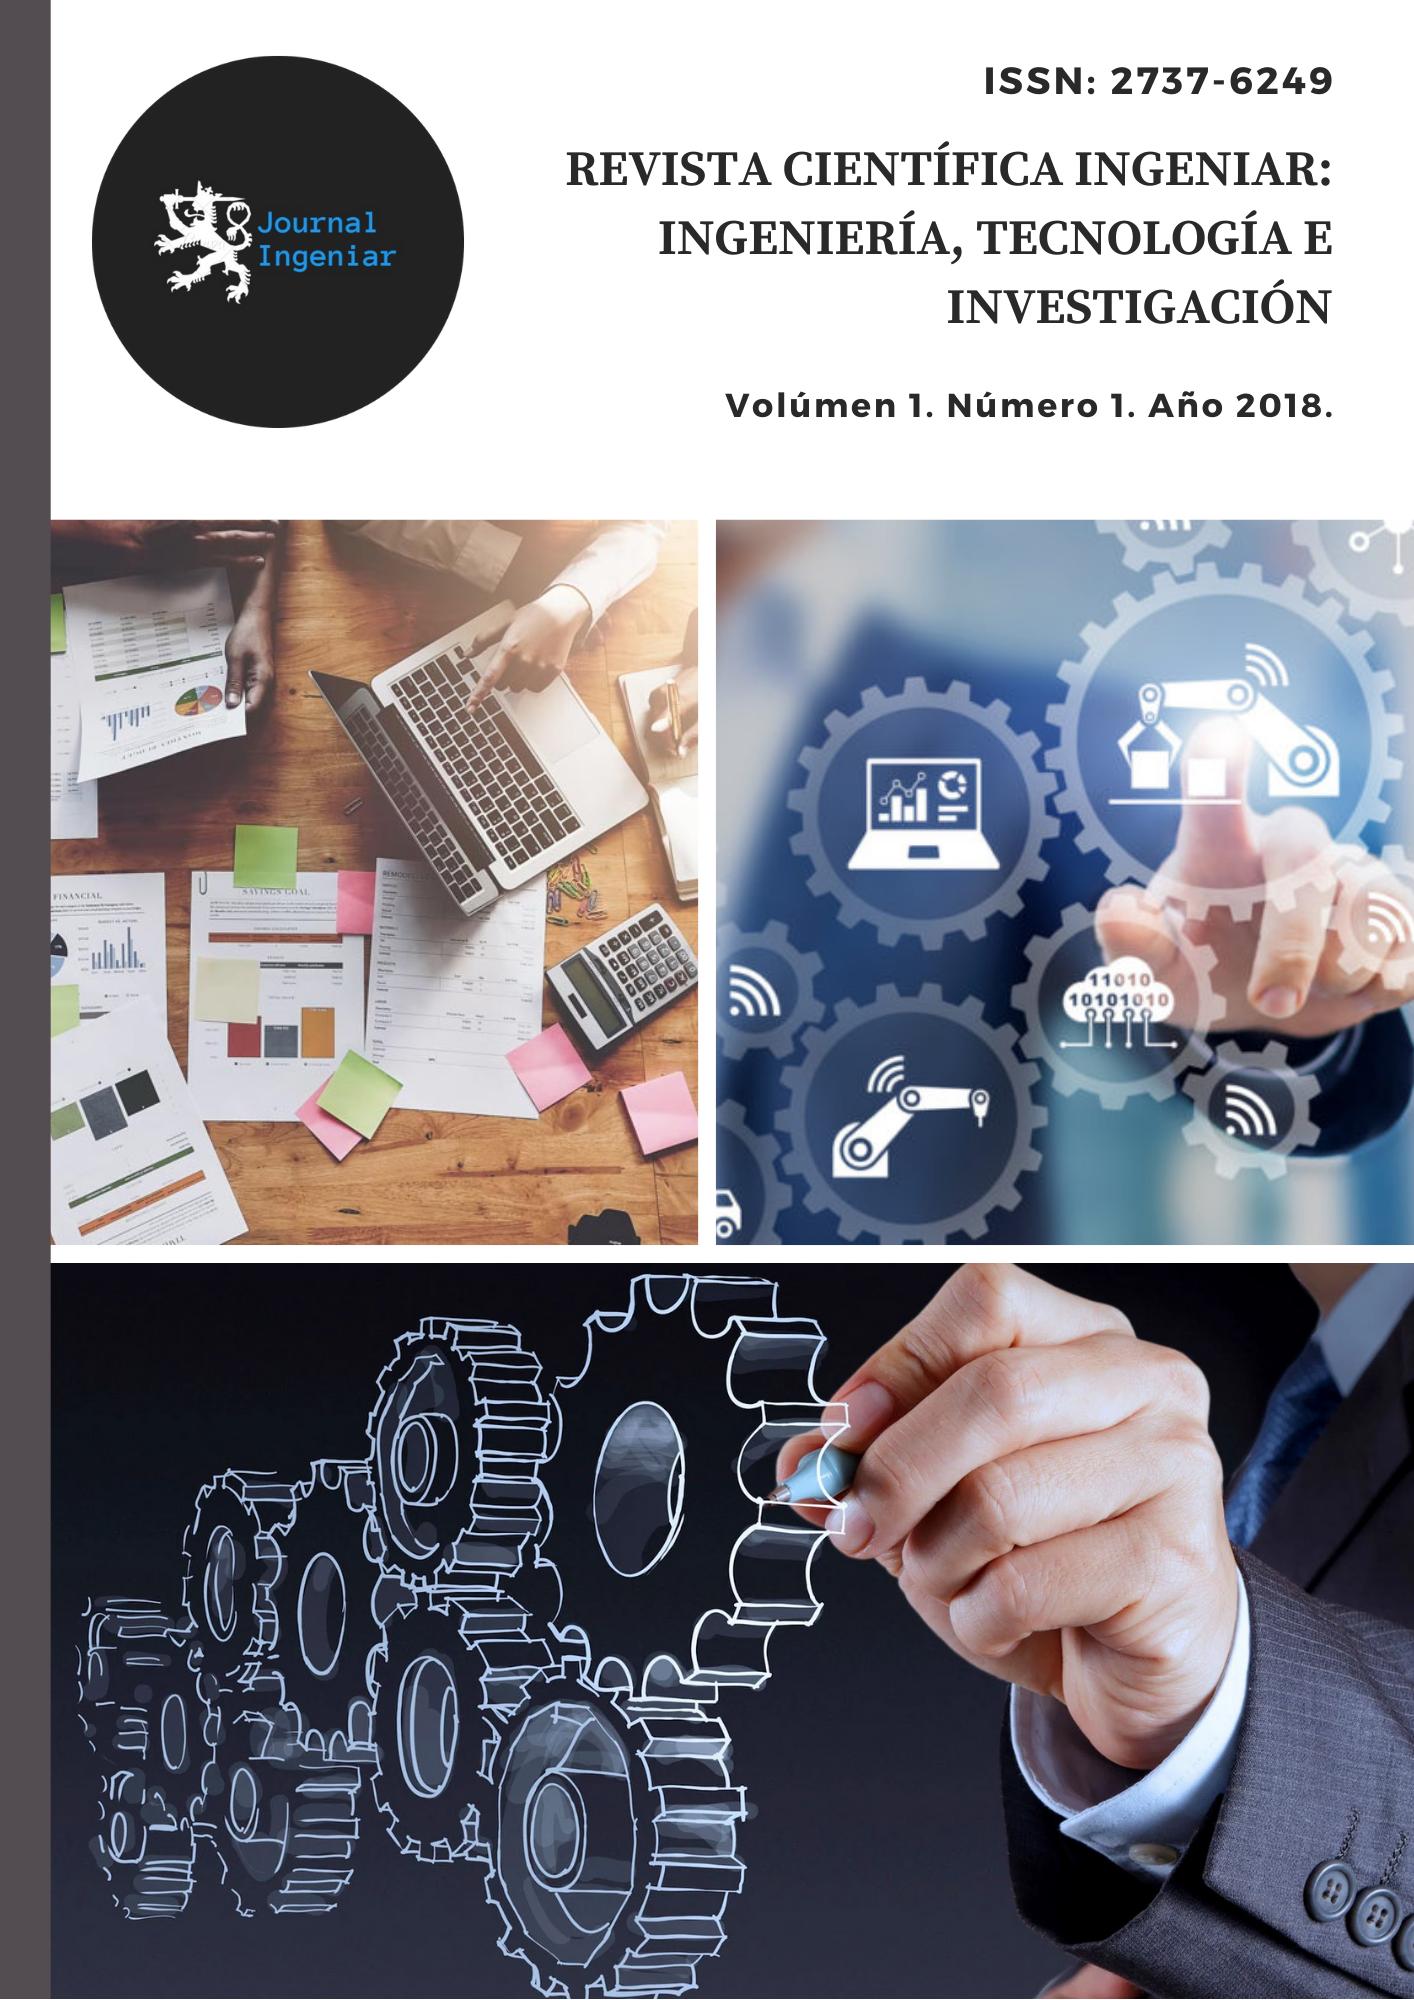 Ver Vol. 1 Núm. 1 (2018): Revista Científica INGENIAR: Ingeniería, Tecnología e Investigación